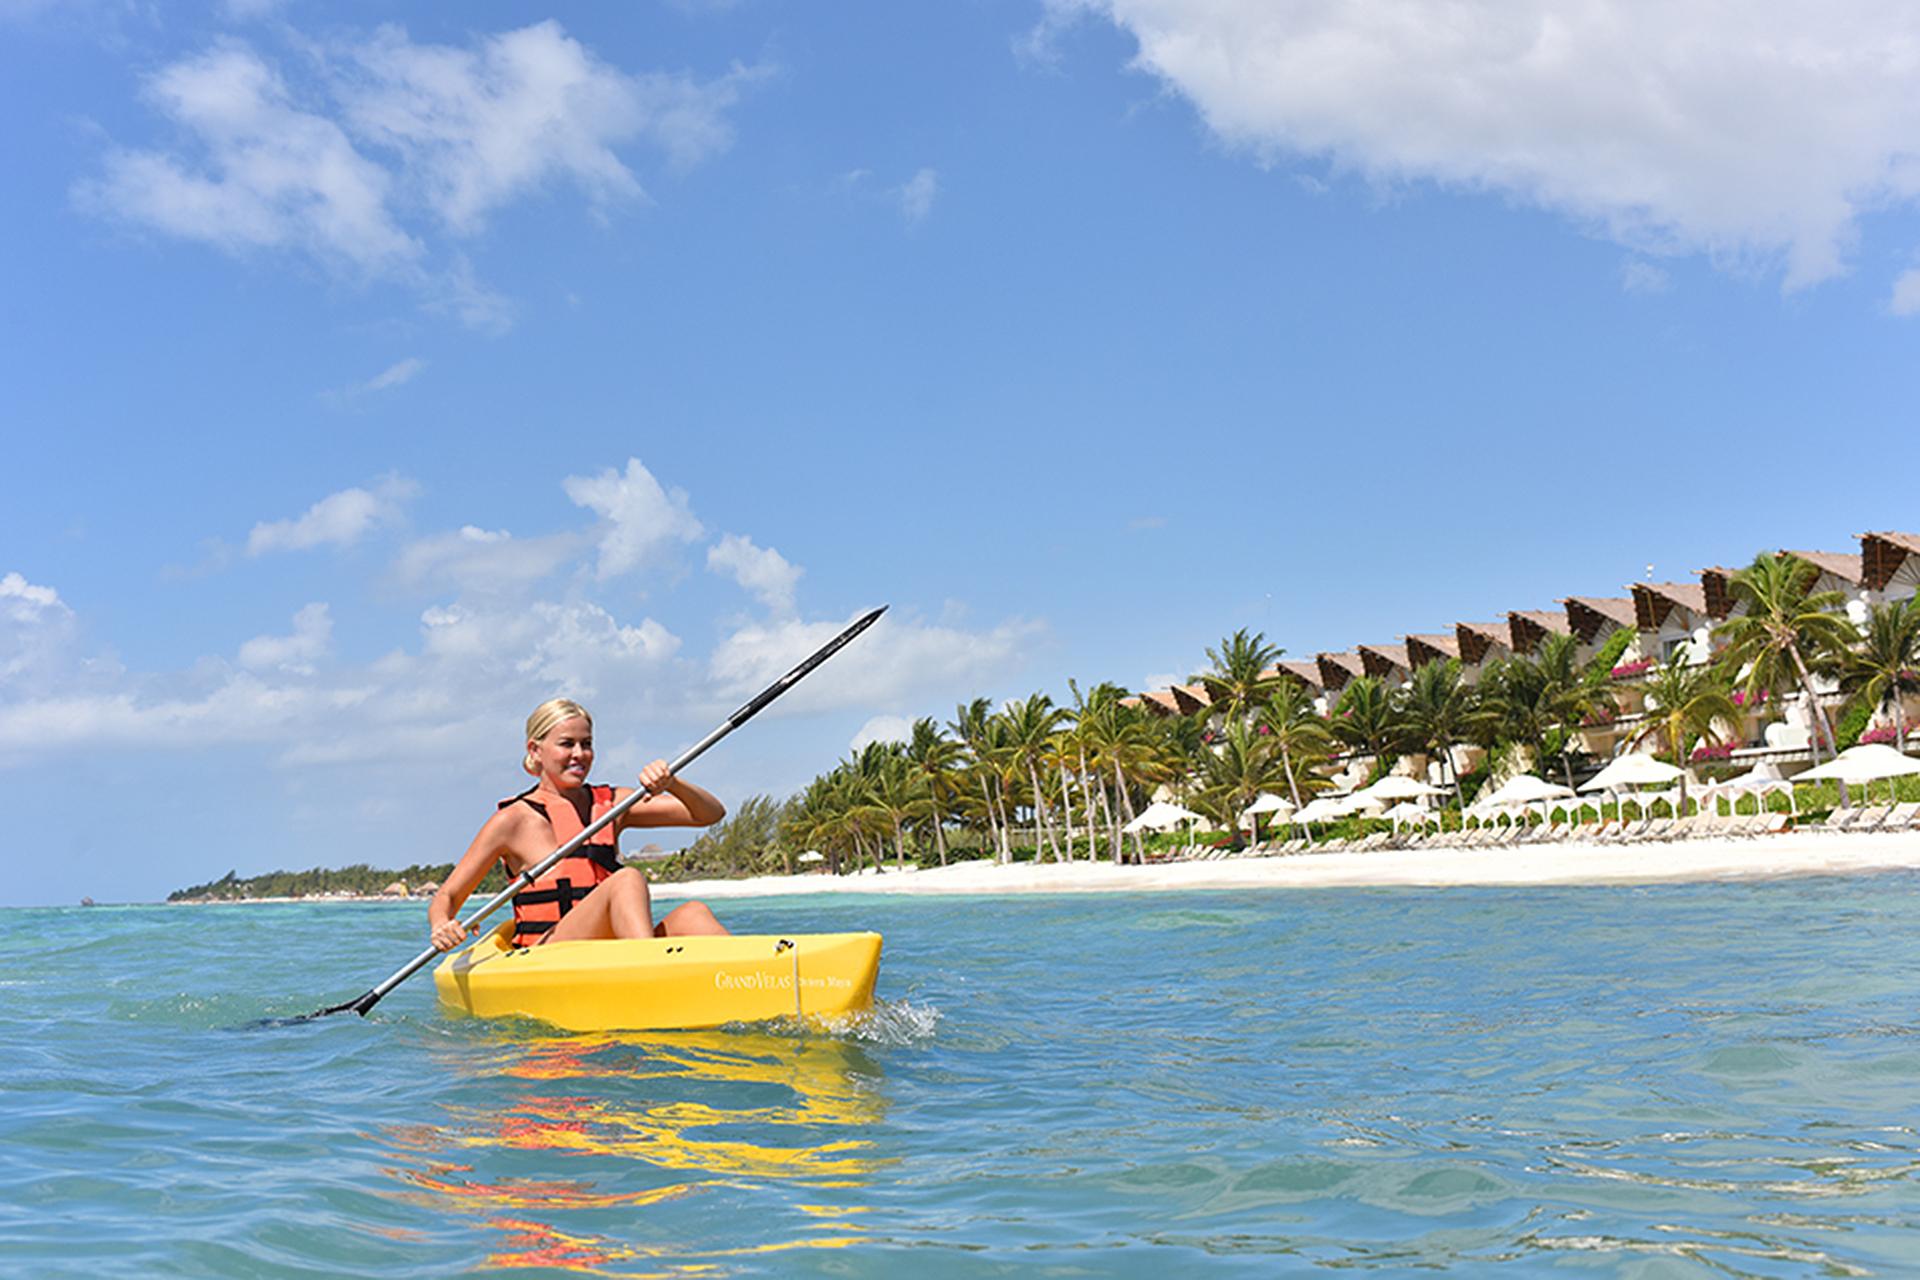 Kayaking at Grand Velas Riviera Maya; Courtesy of Grand Velas Riviera Maya